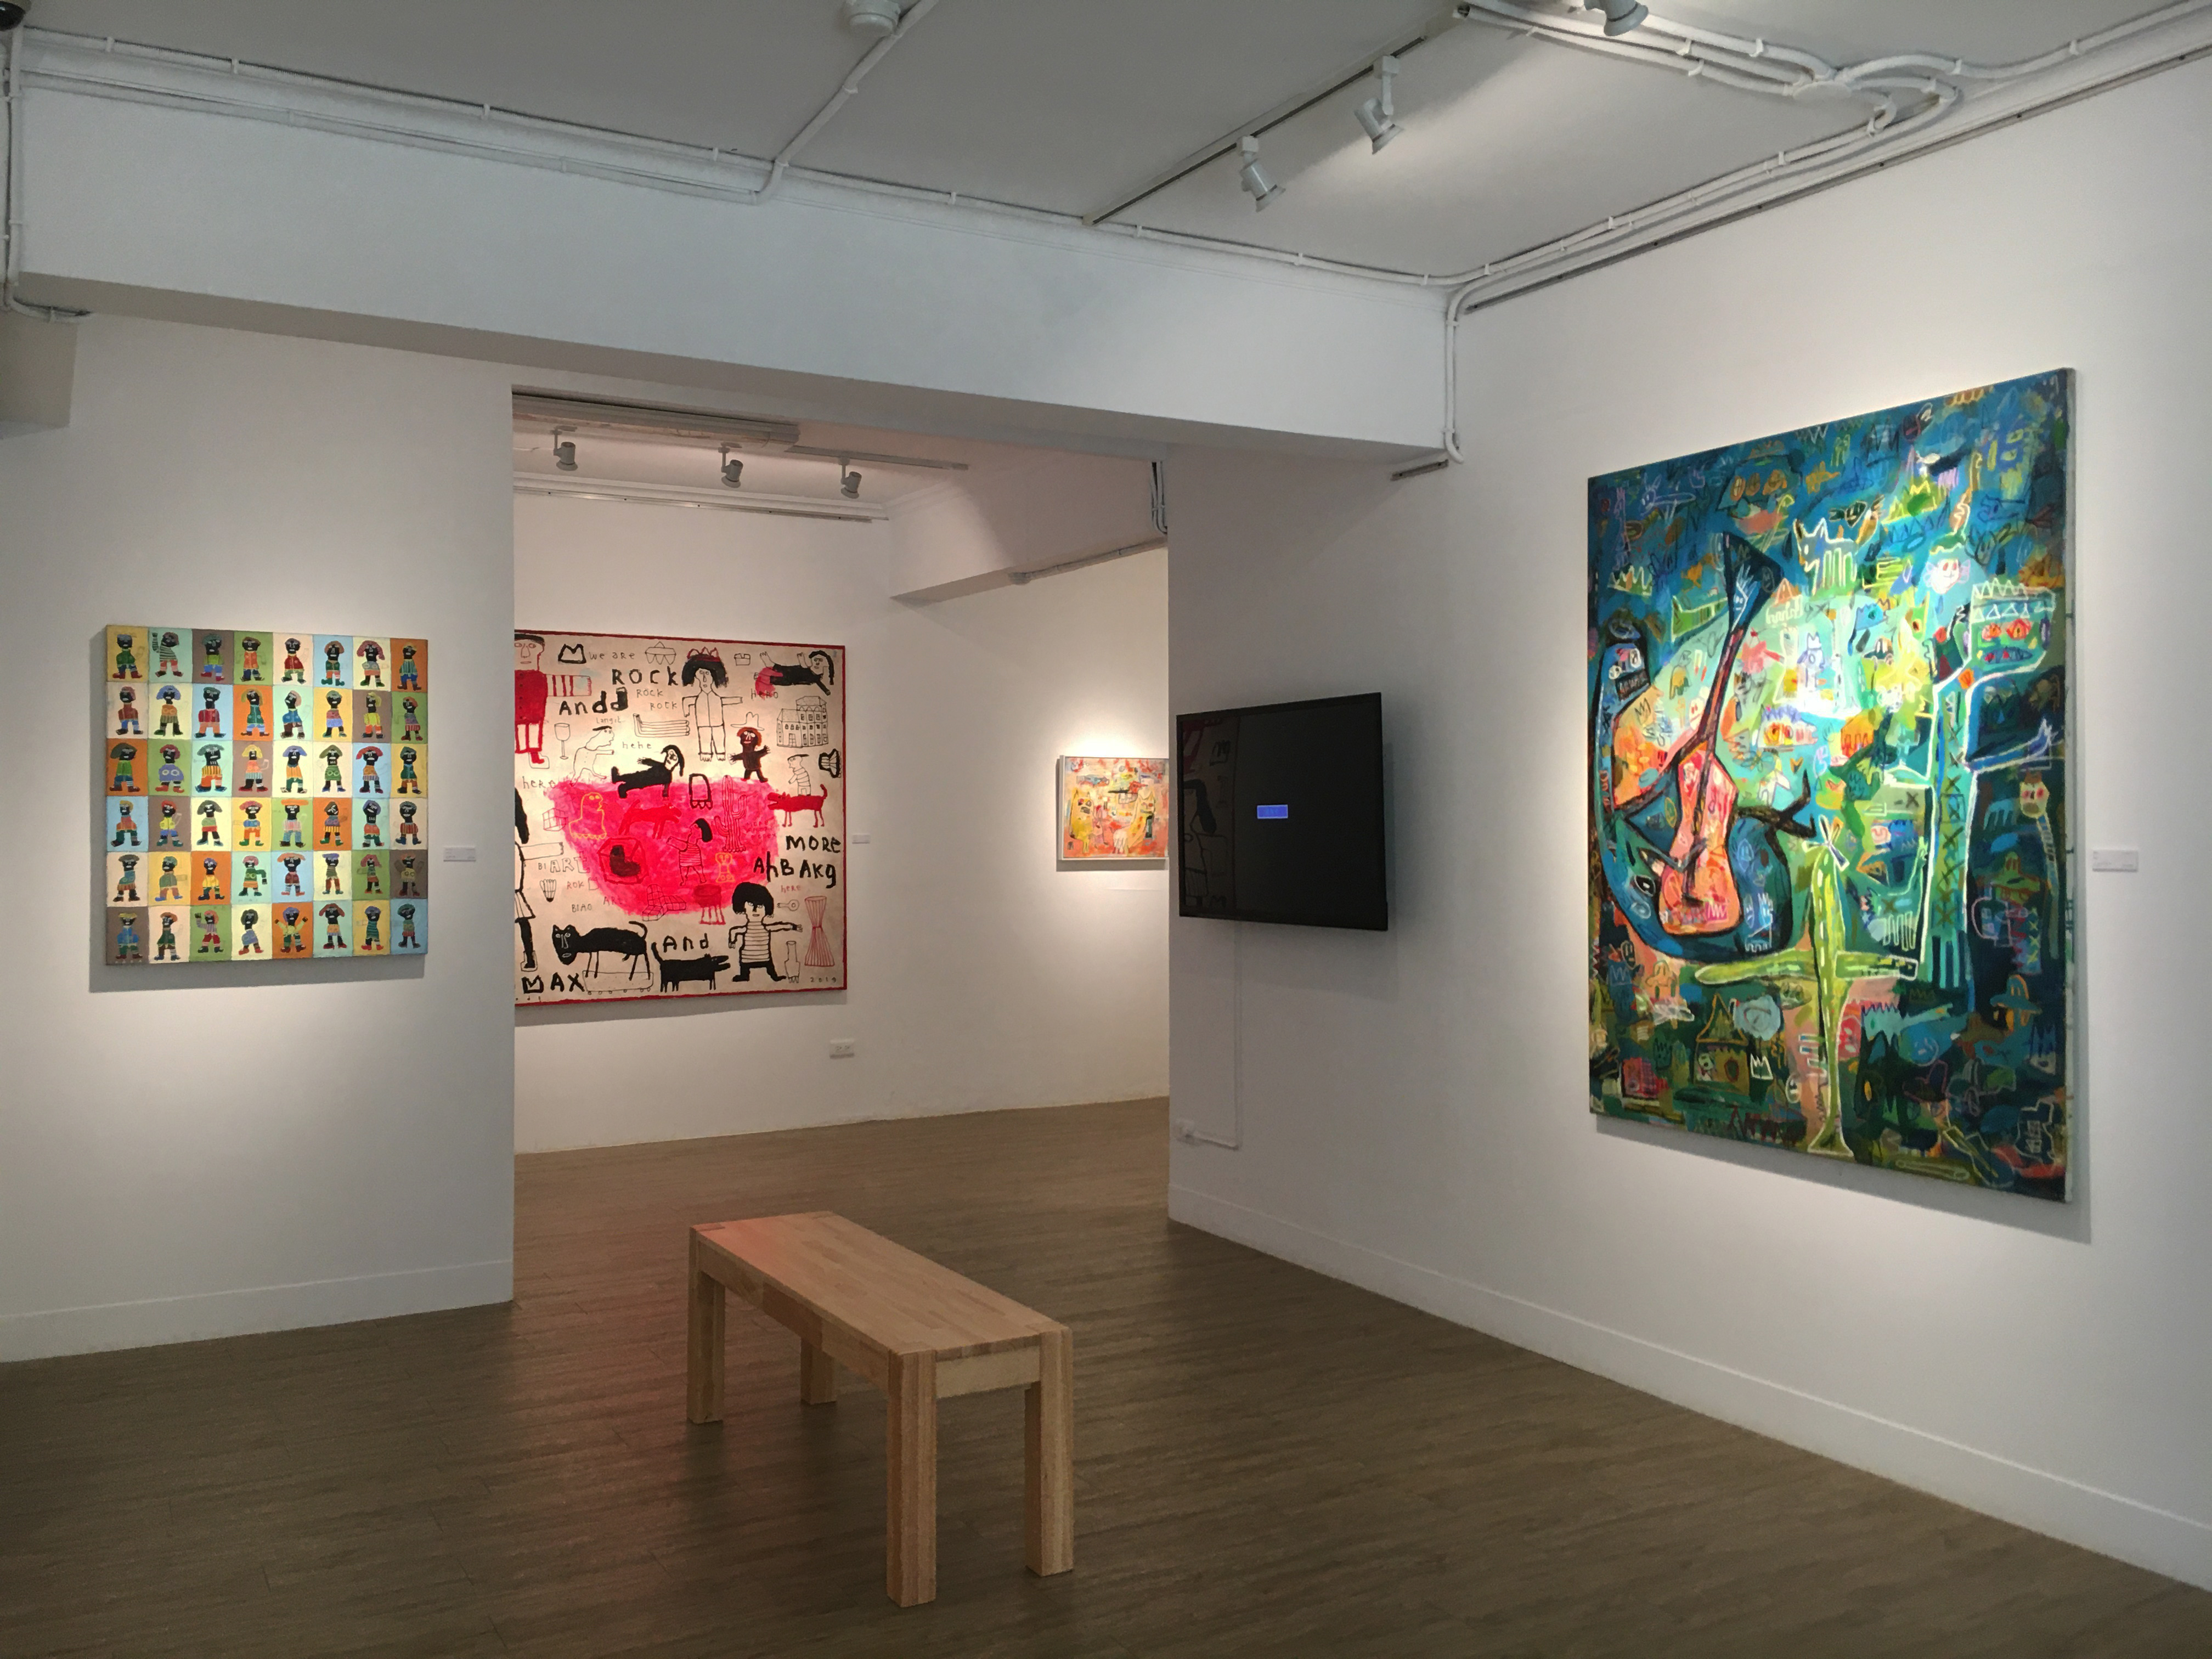 雅藝藝術中心展覽「另一個美好的日子」展場一隅。